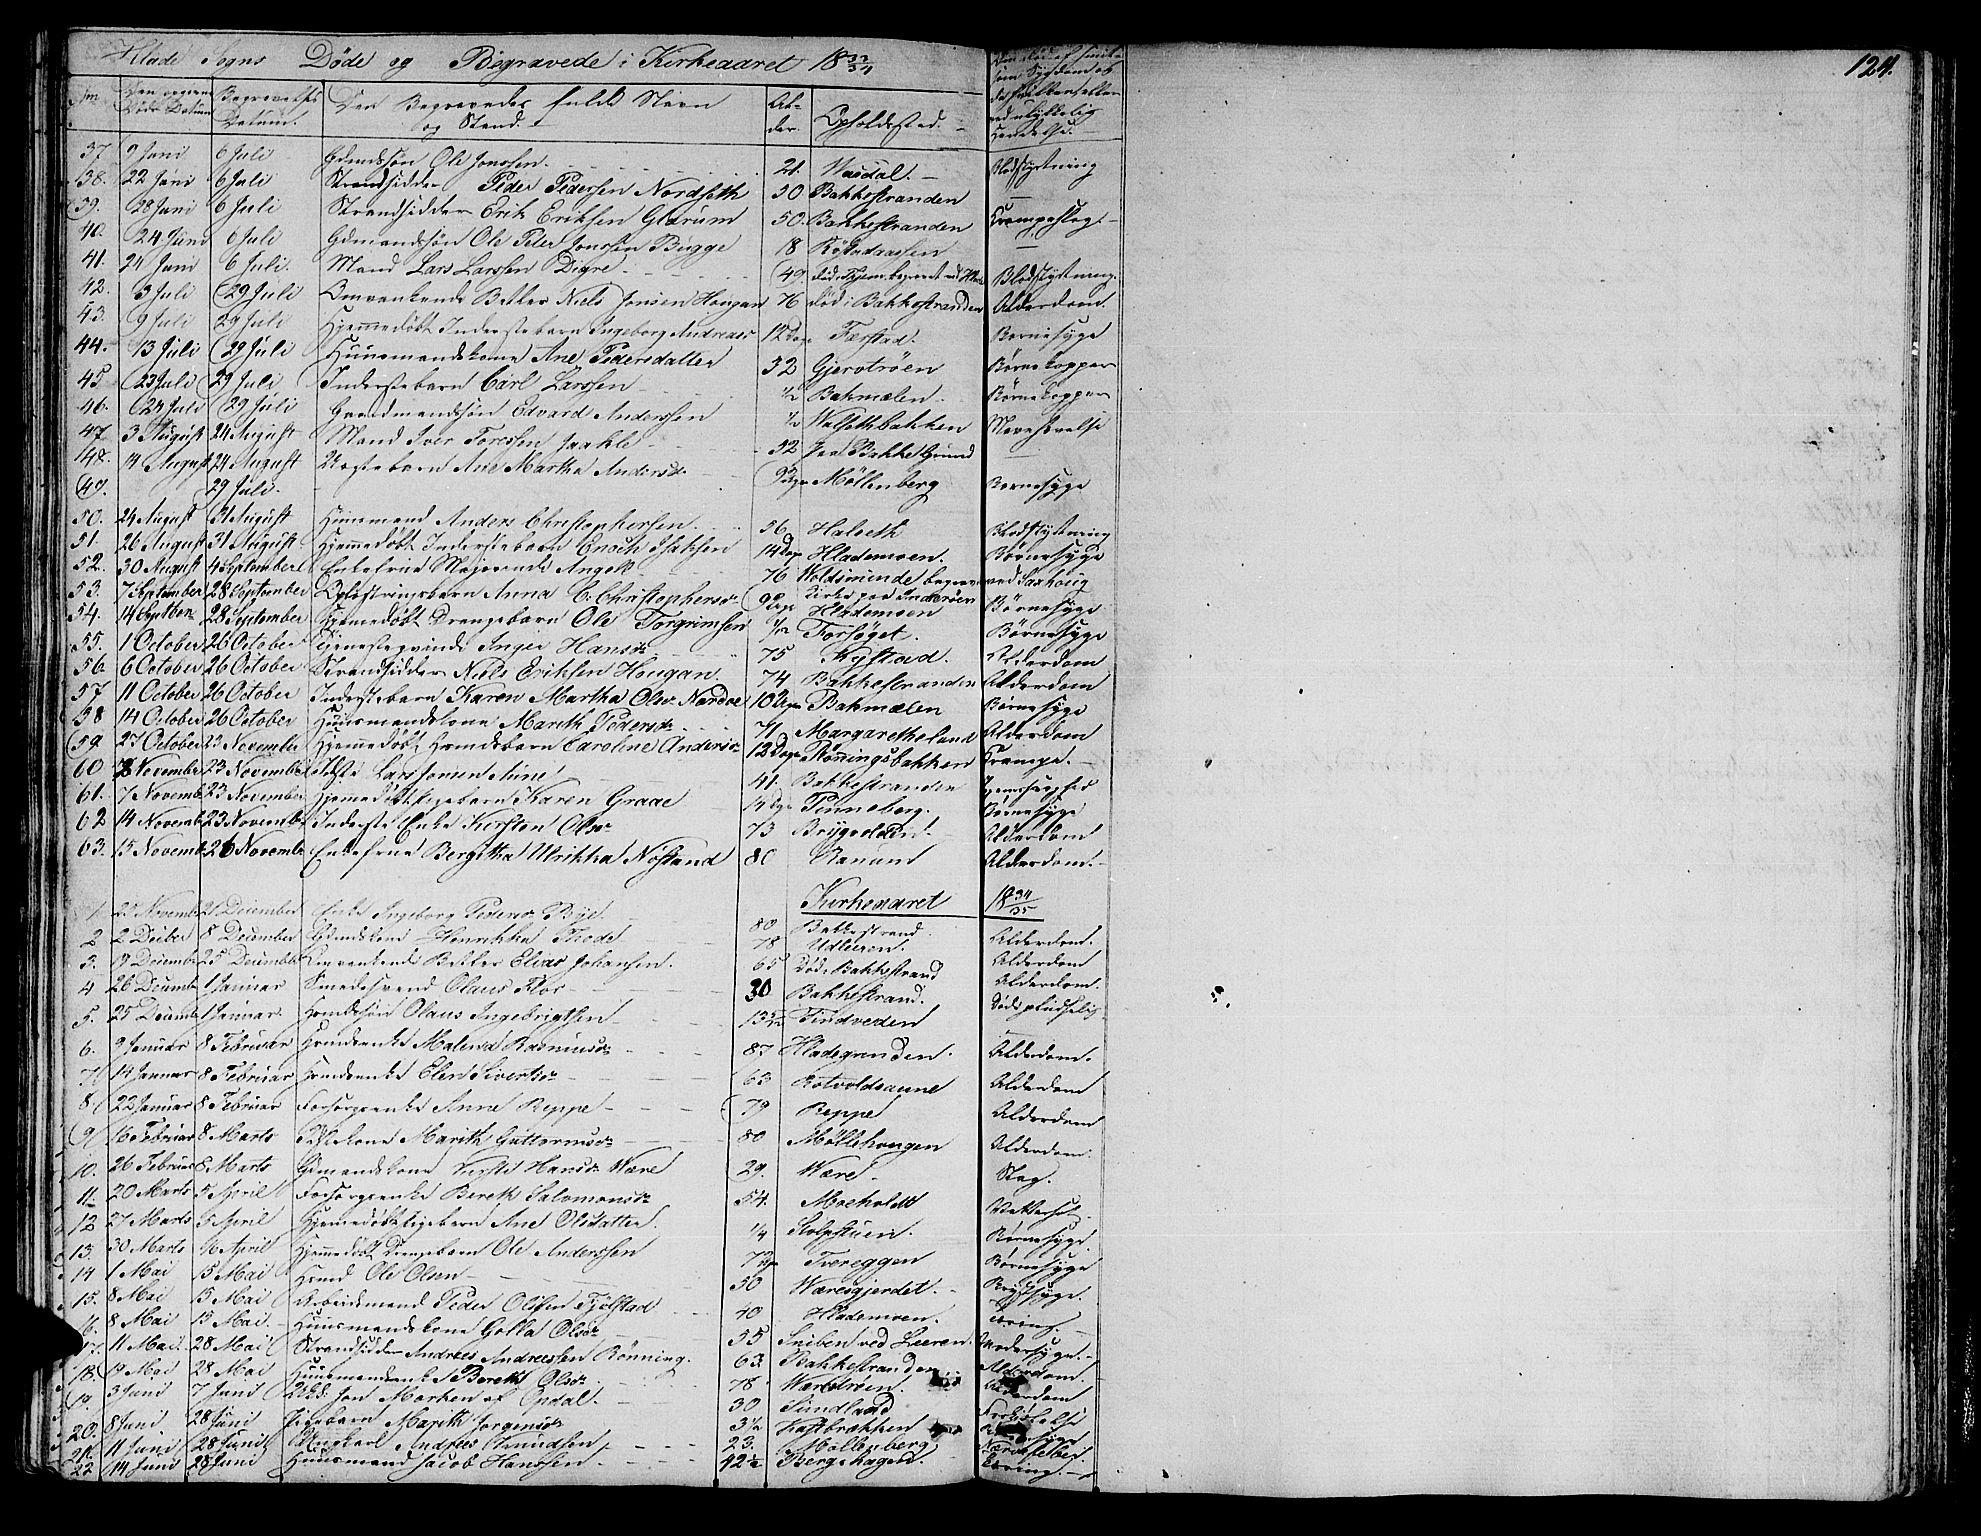 SAT, Ministerialprotokoller, klokkerbøker og fødselsregistre - Sør-Trøndelag, 606/L0308: Klokkerbok nr. 606C04, 1829-1840, s. 124